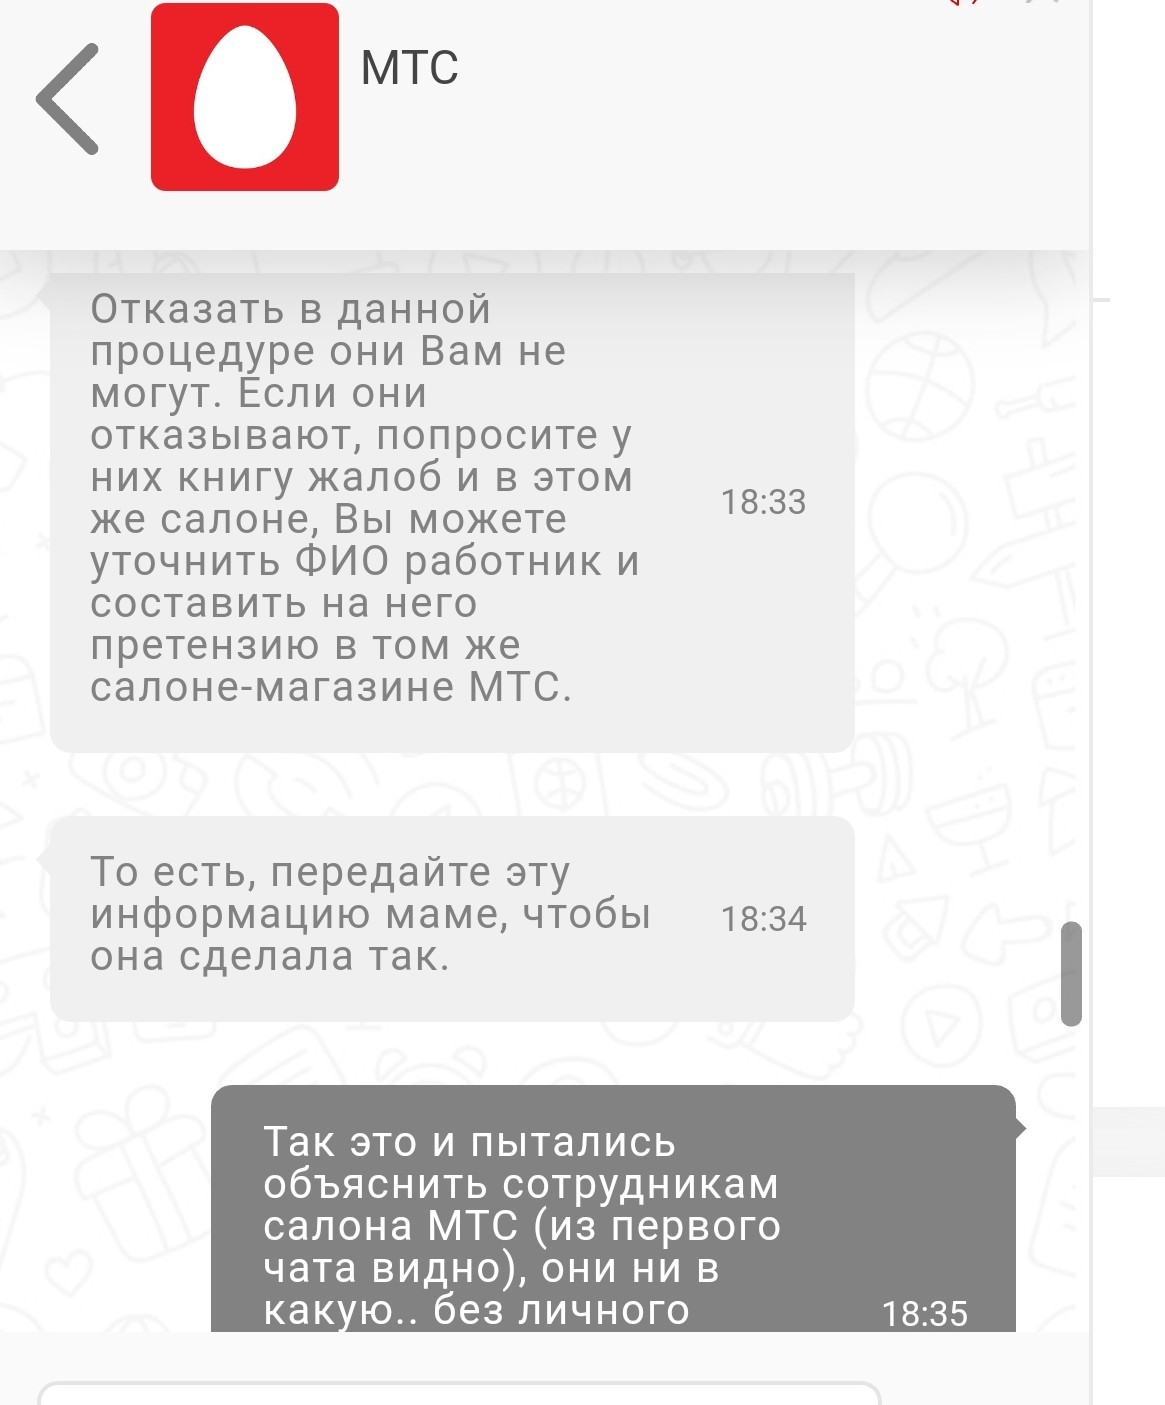 займы денег онлайн переводы